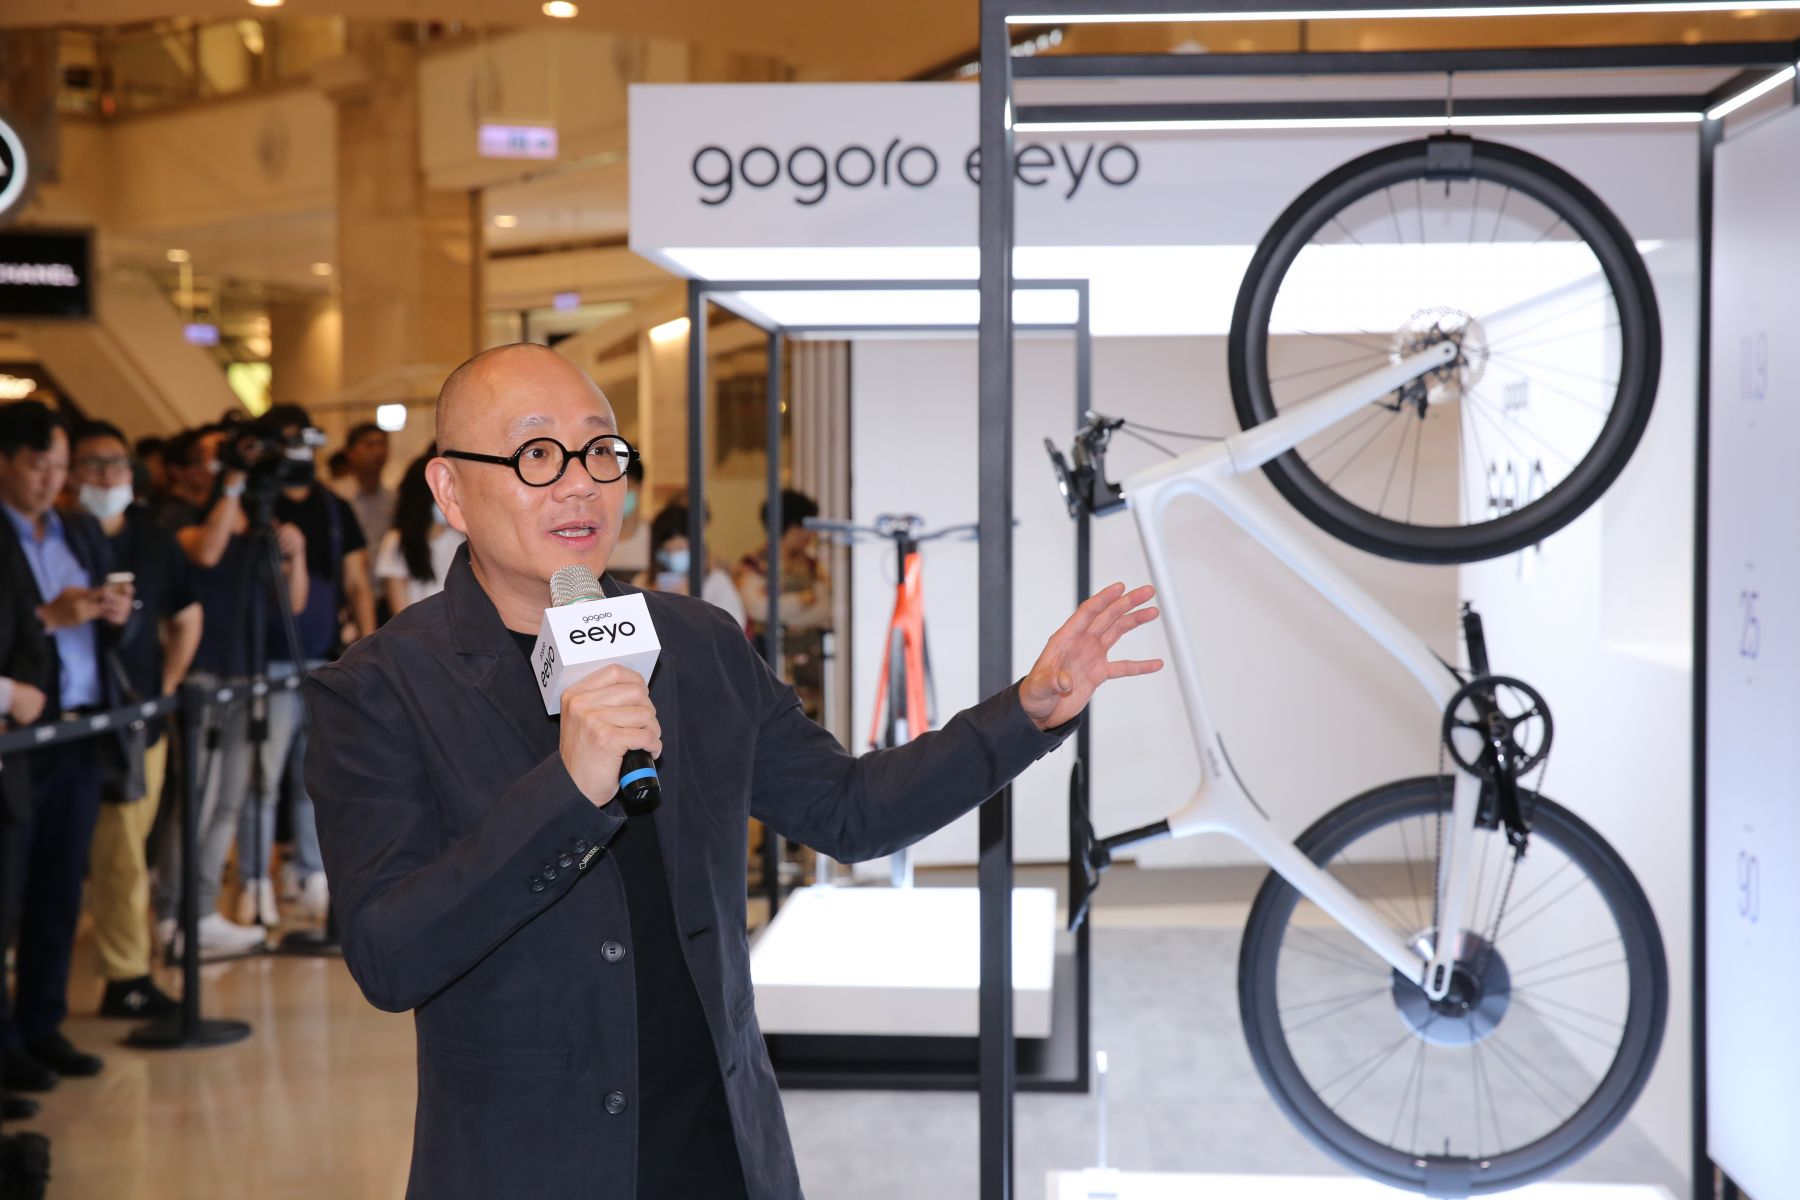 世界最輕的電動自行車,Gogoro Eeyo入手價11.9萬起!陸學森:最大市場在歐洲